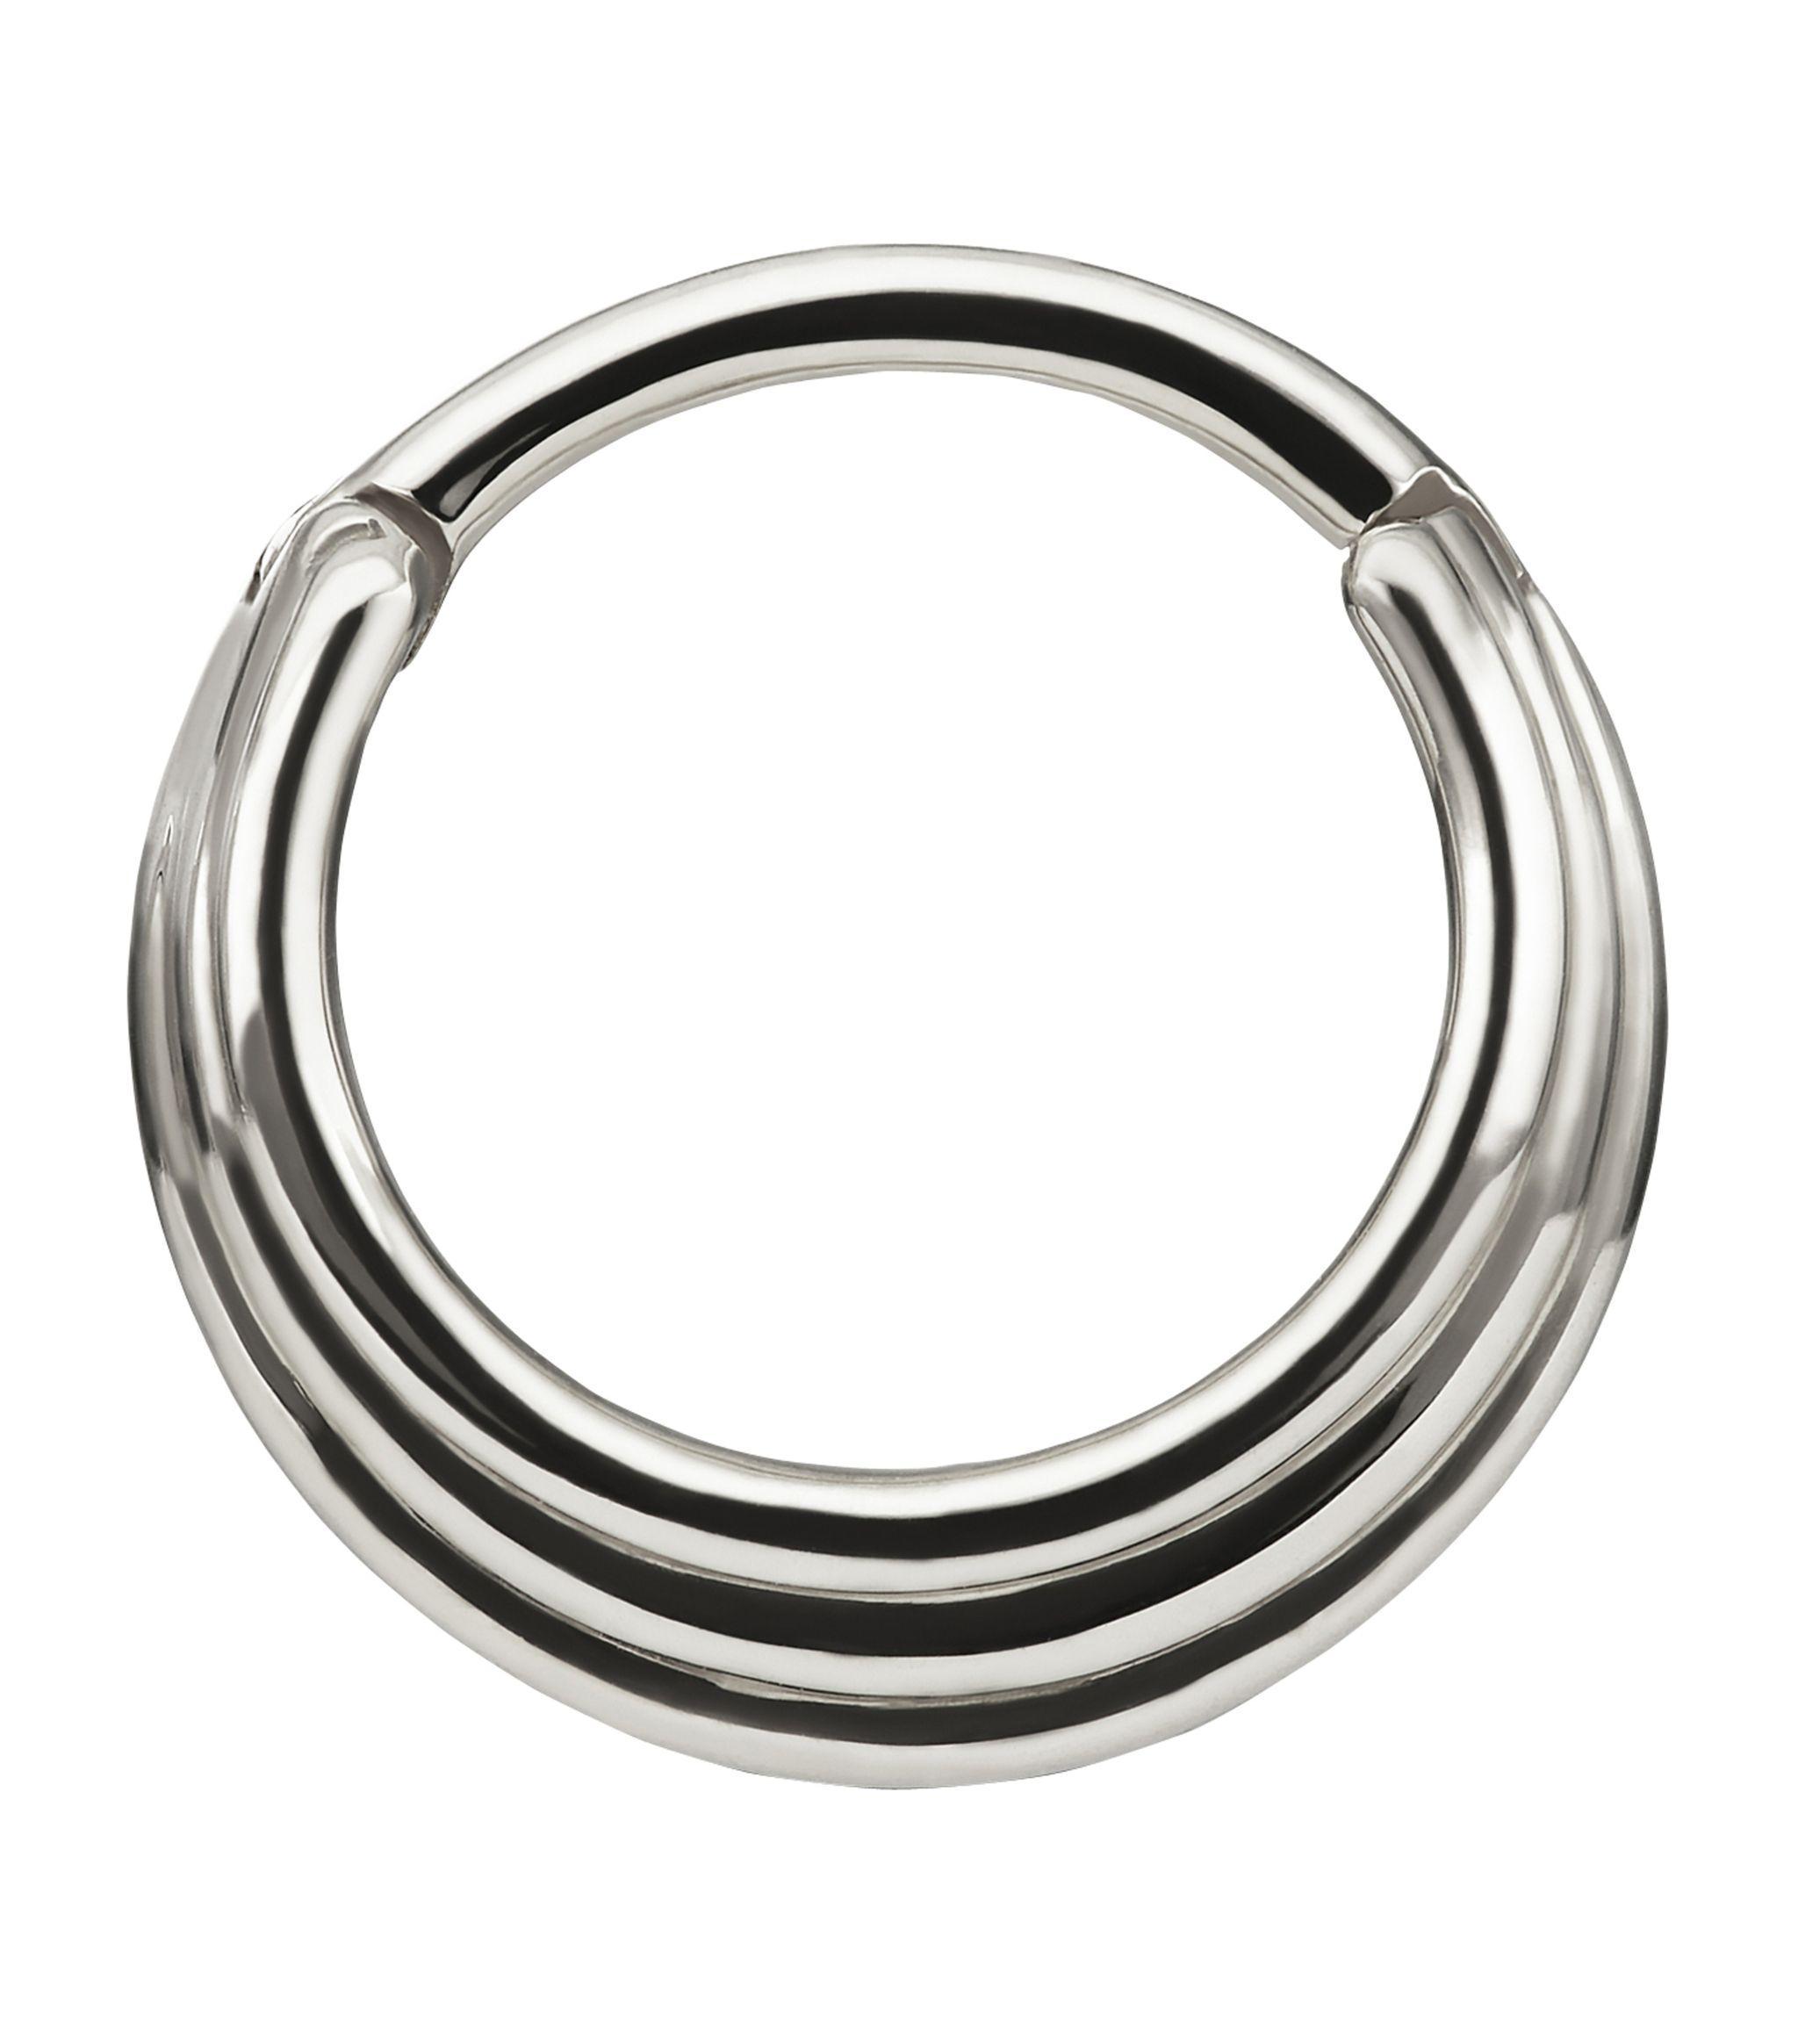 Maria Tash White Gold Hiranya Clicker Hoop Earring In